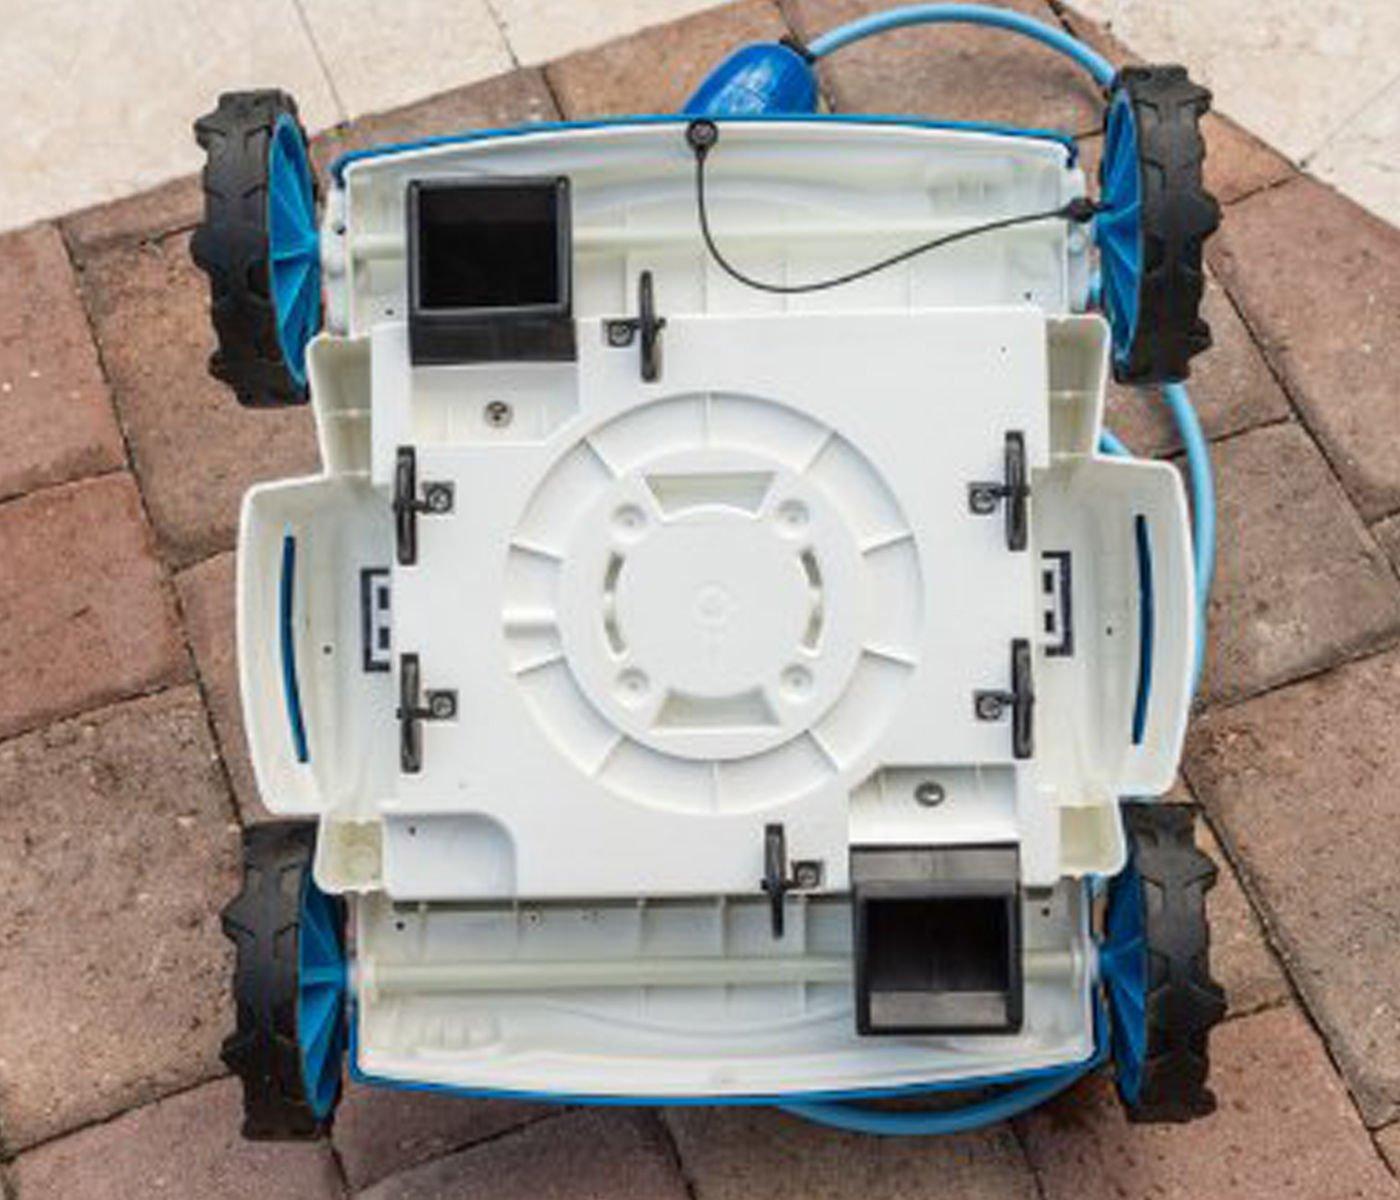 Aquabot POOL ROVER S2 40, US, JET, 115VAC/48VDC, BLUE